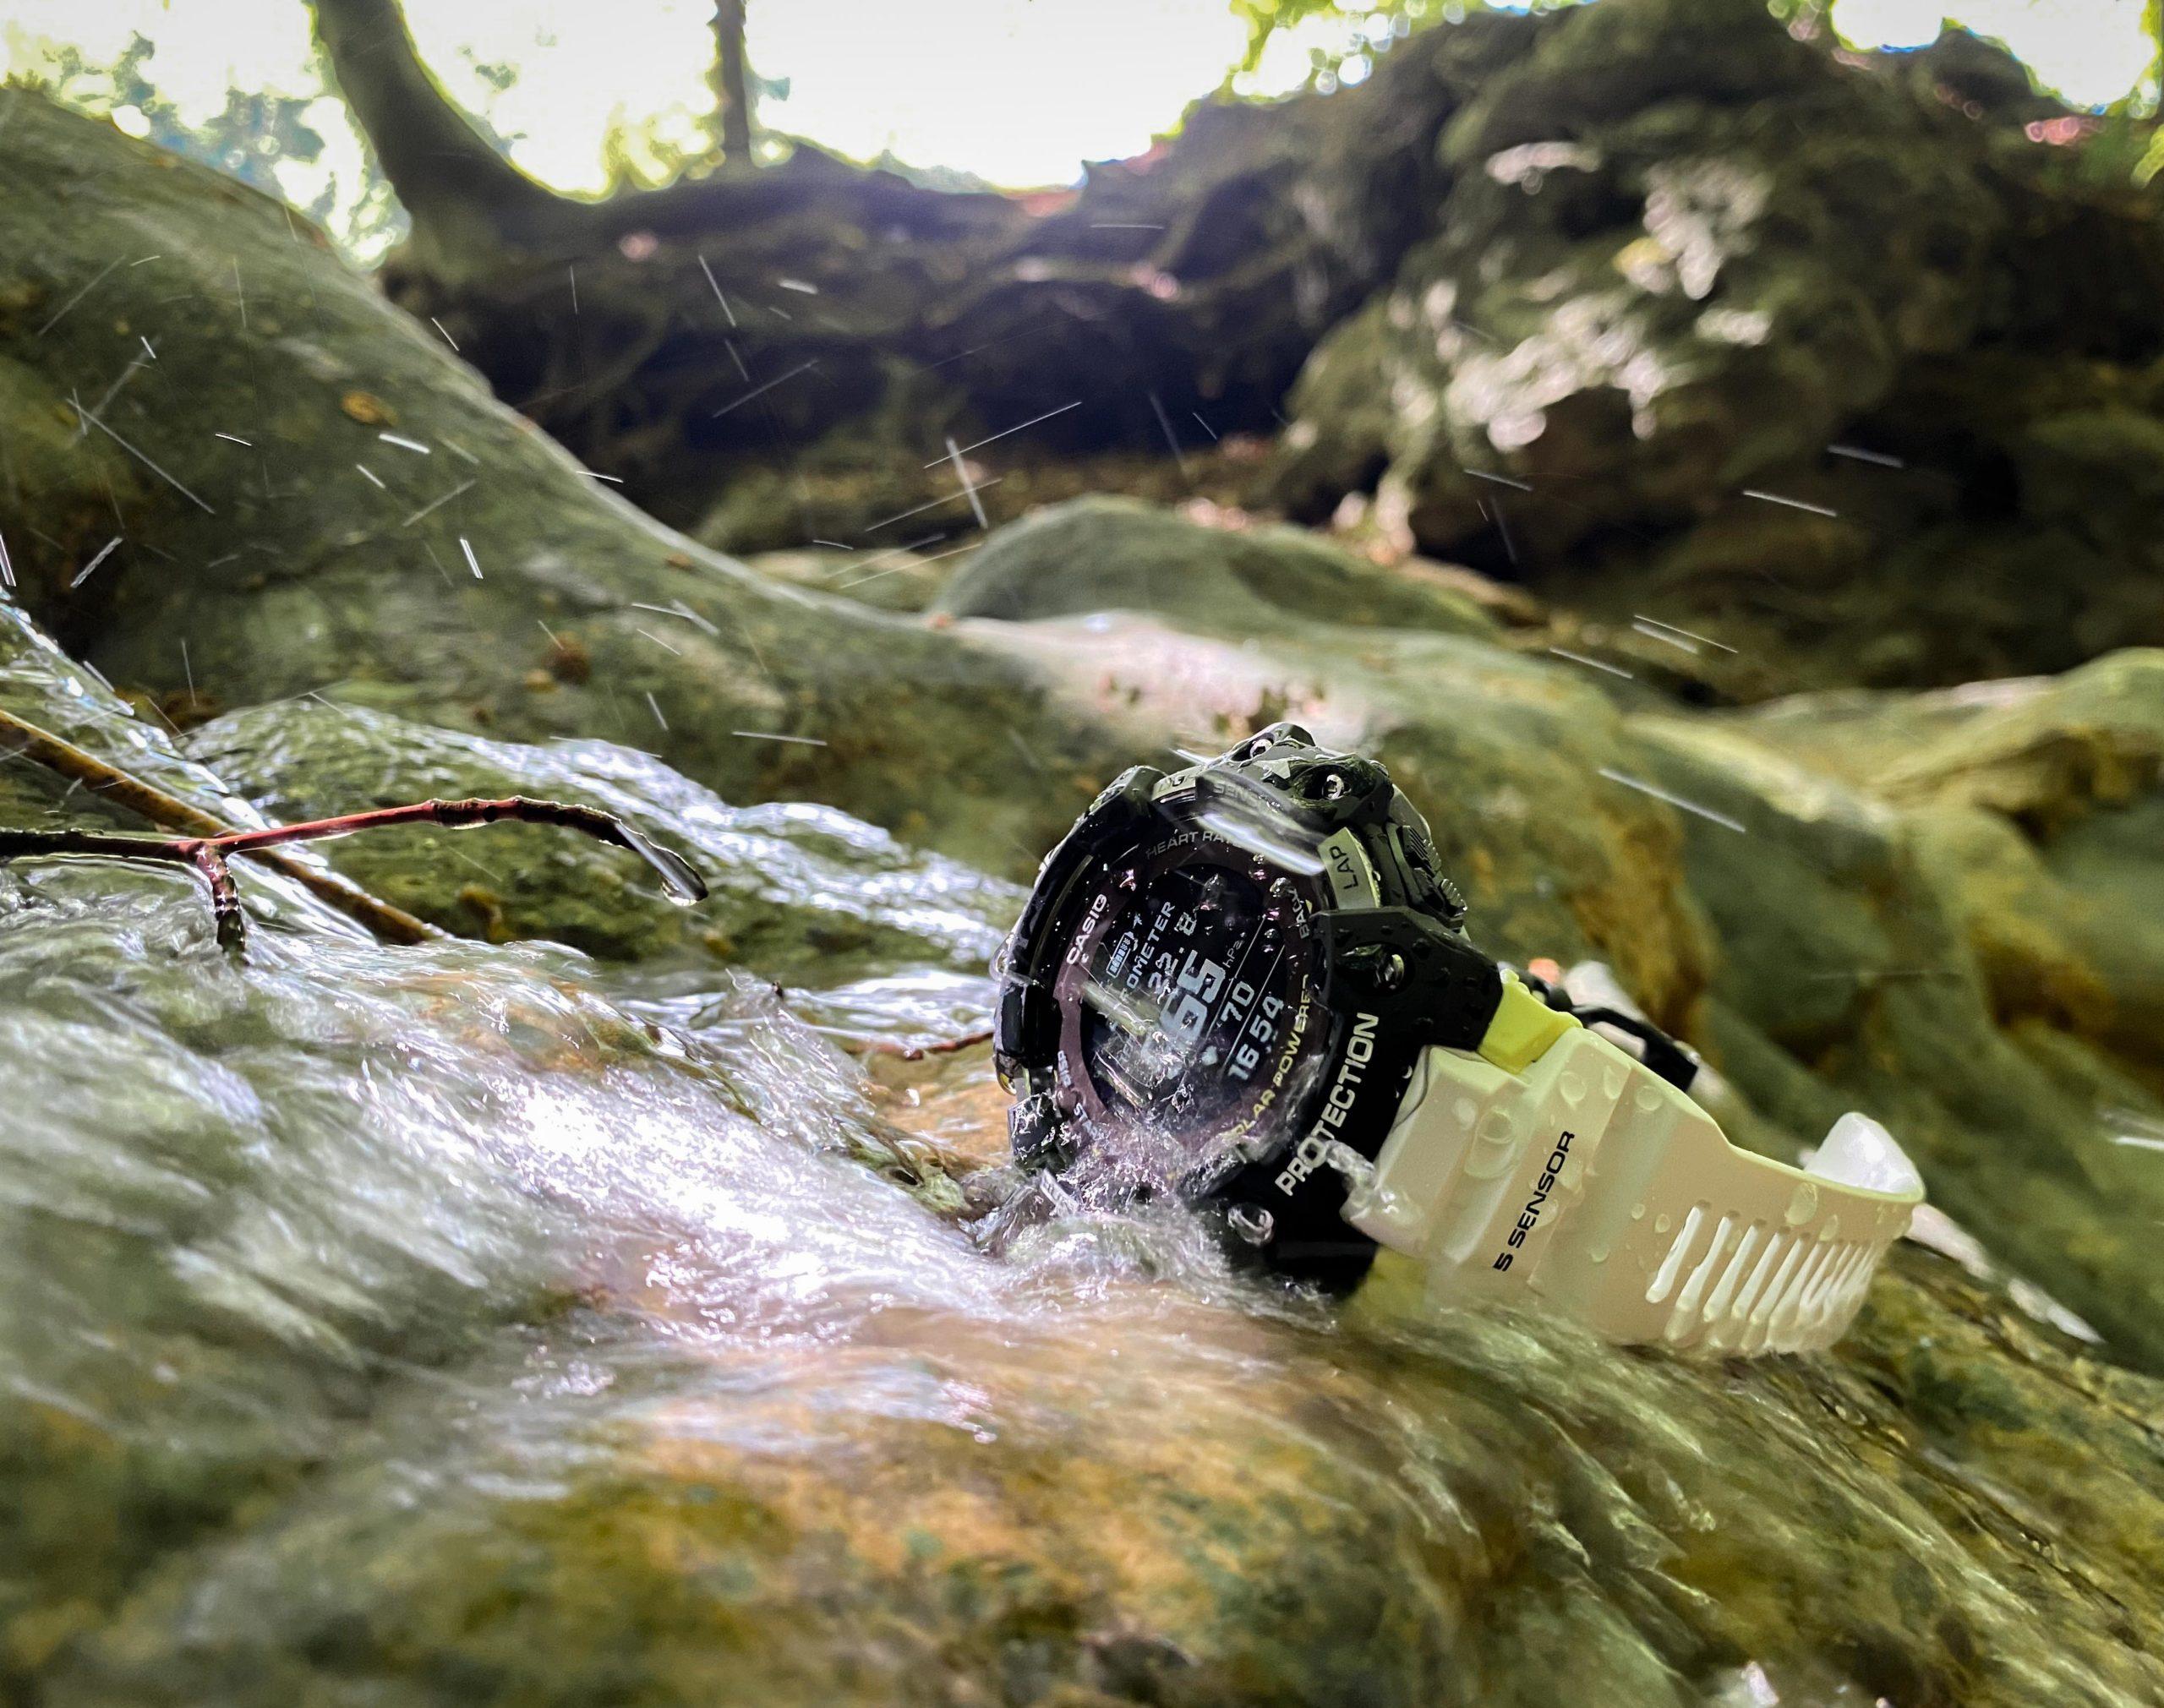 Casio-GBD-H1000-G-Shock-Funktionen-Test-3